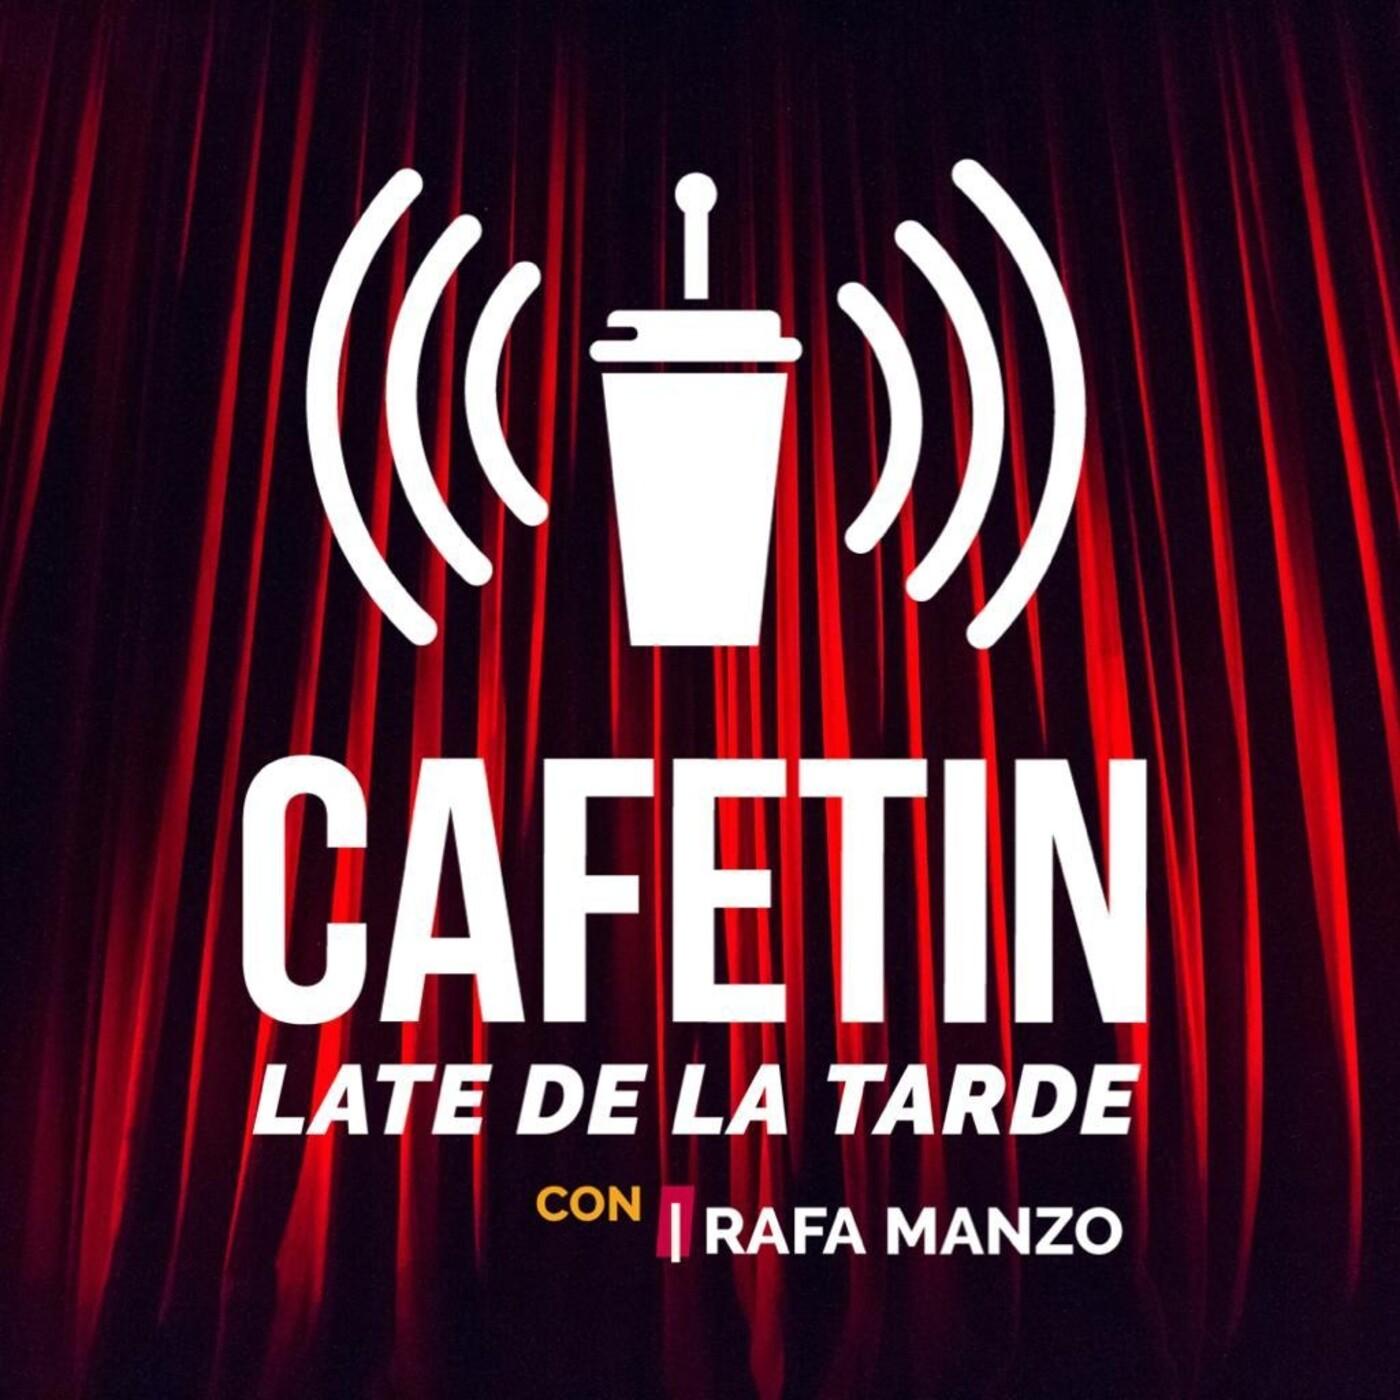 #Cafetín - Capítulo 85 - 30 DICIEMBRE 2020 #ConstanzaMarquez #LeopoldoGanderats #Dr.Baker